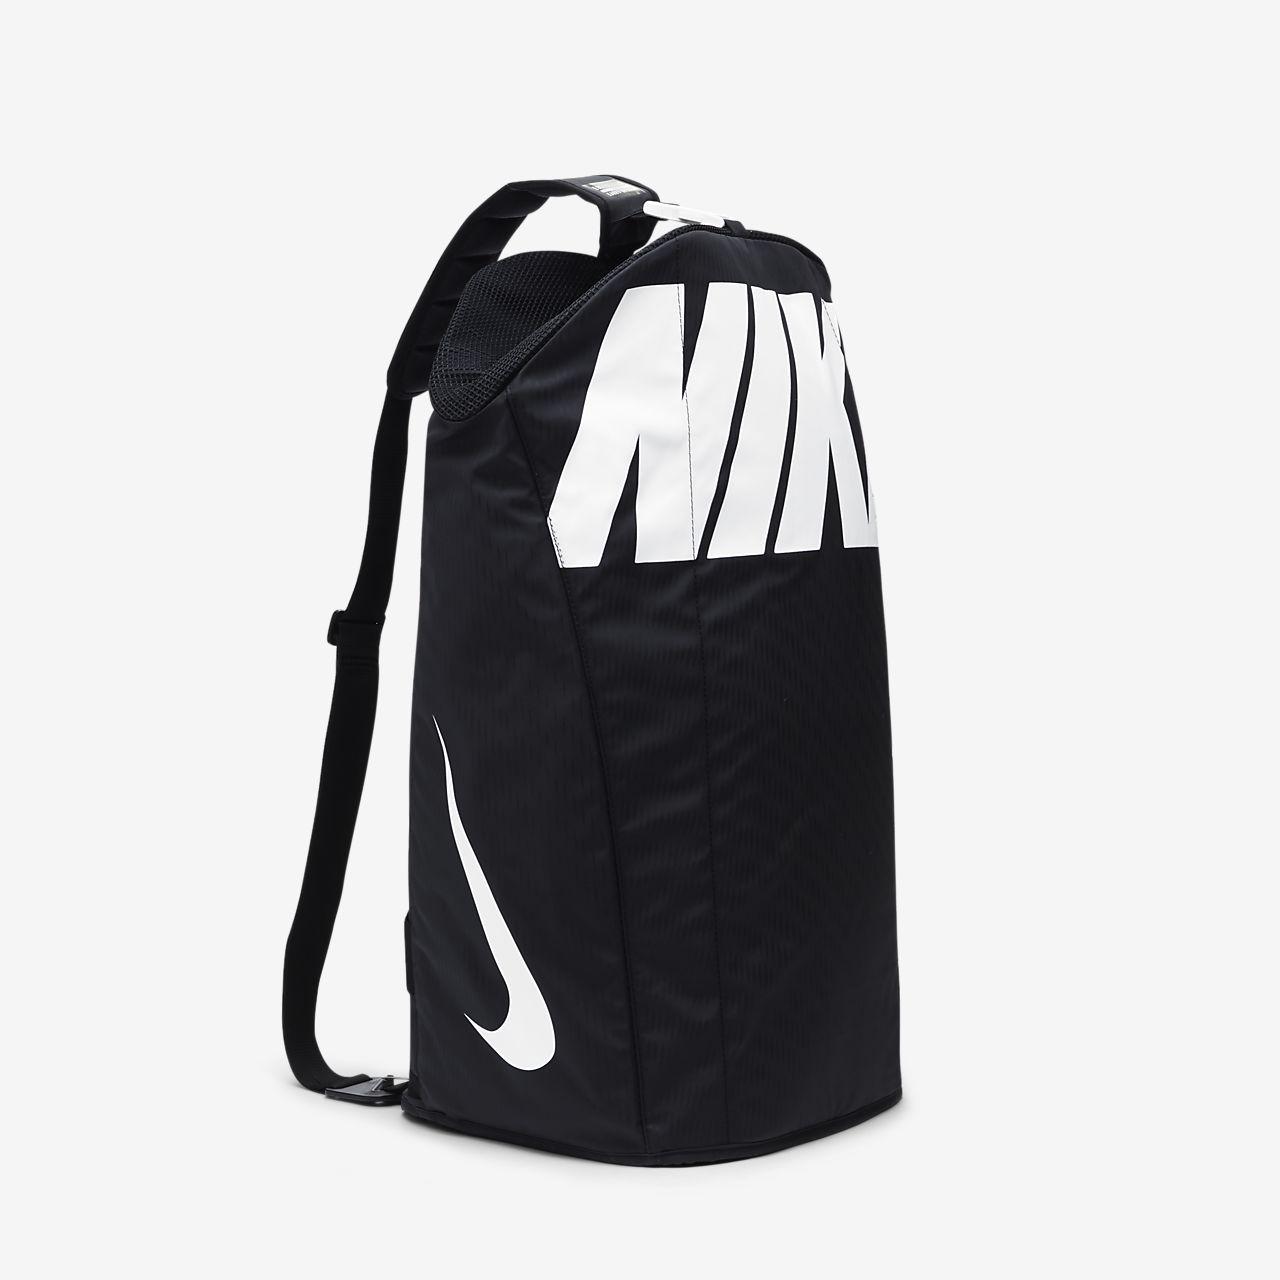 84170470cc98e2 Nike Alpha Adapt Cross Body (Medium) Duffel Bag. Nike.com MY